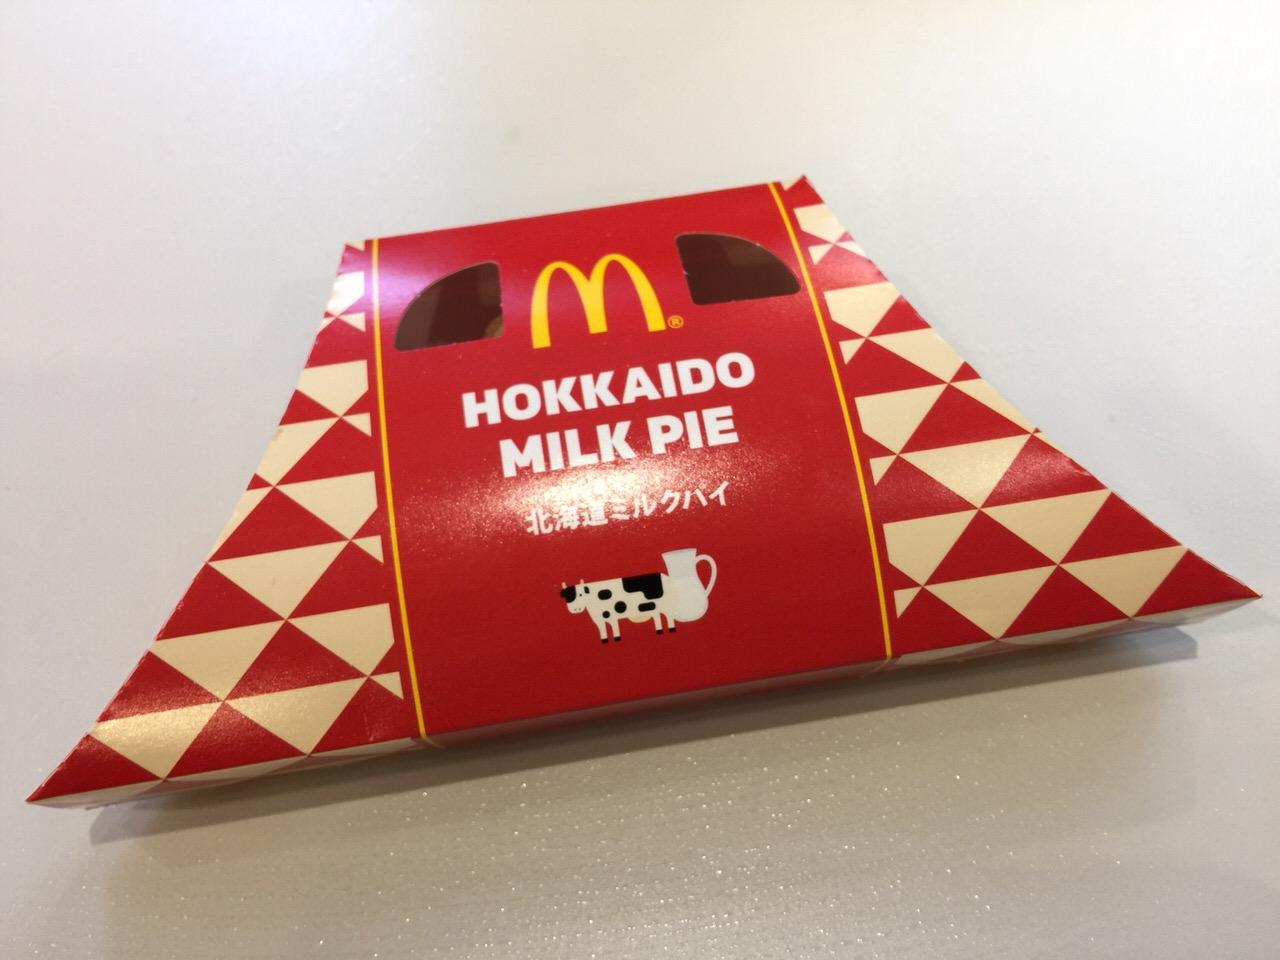 マクドナルド「北海道ミルクパイ」モチサクにミルキーなクリームがトロトロ